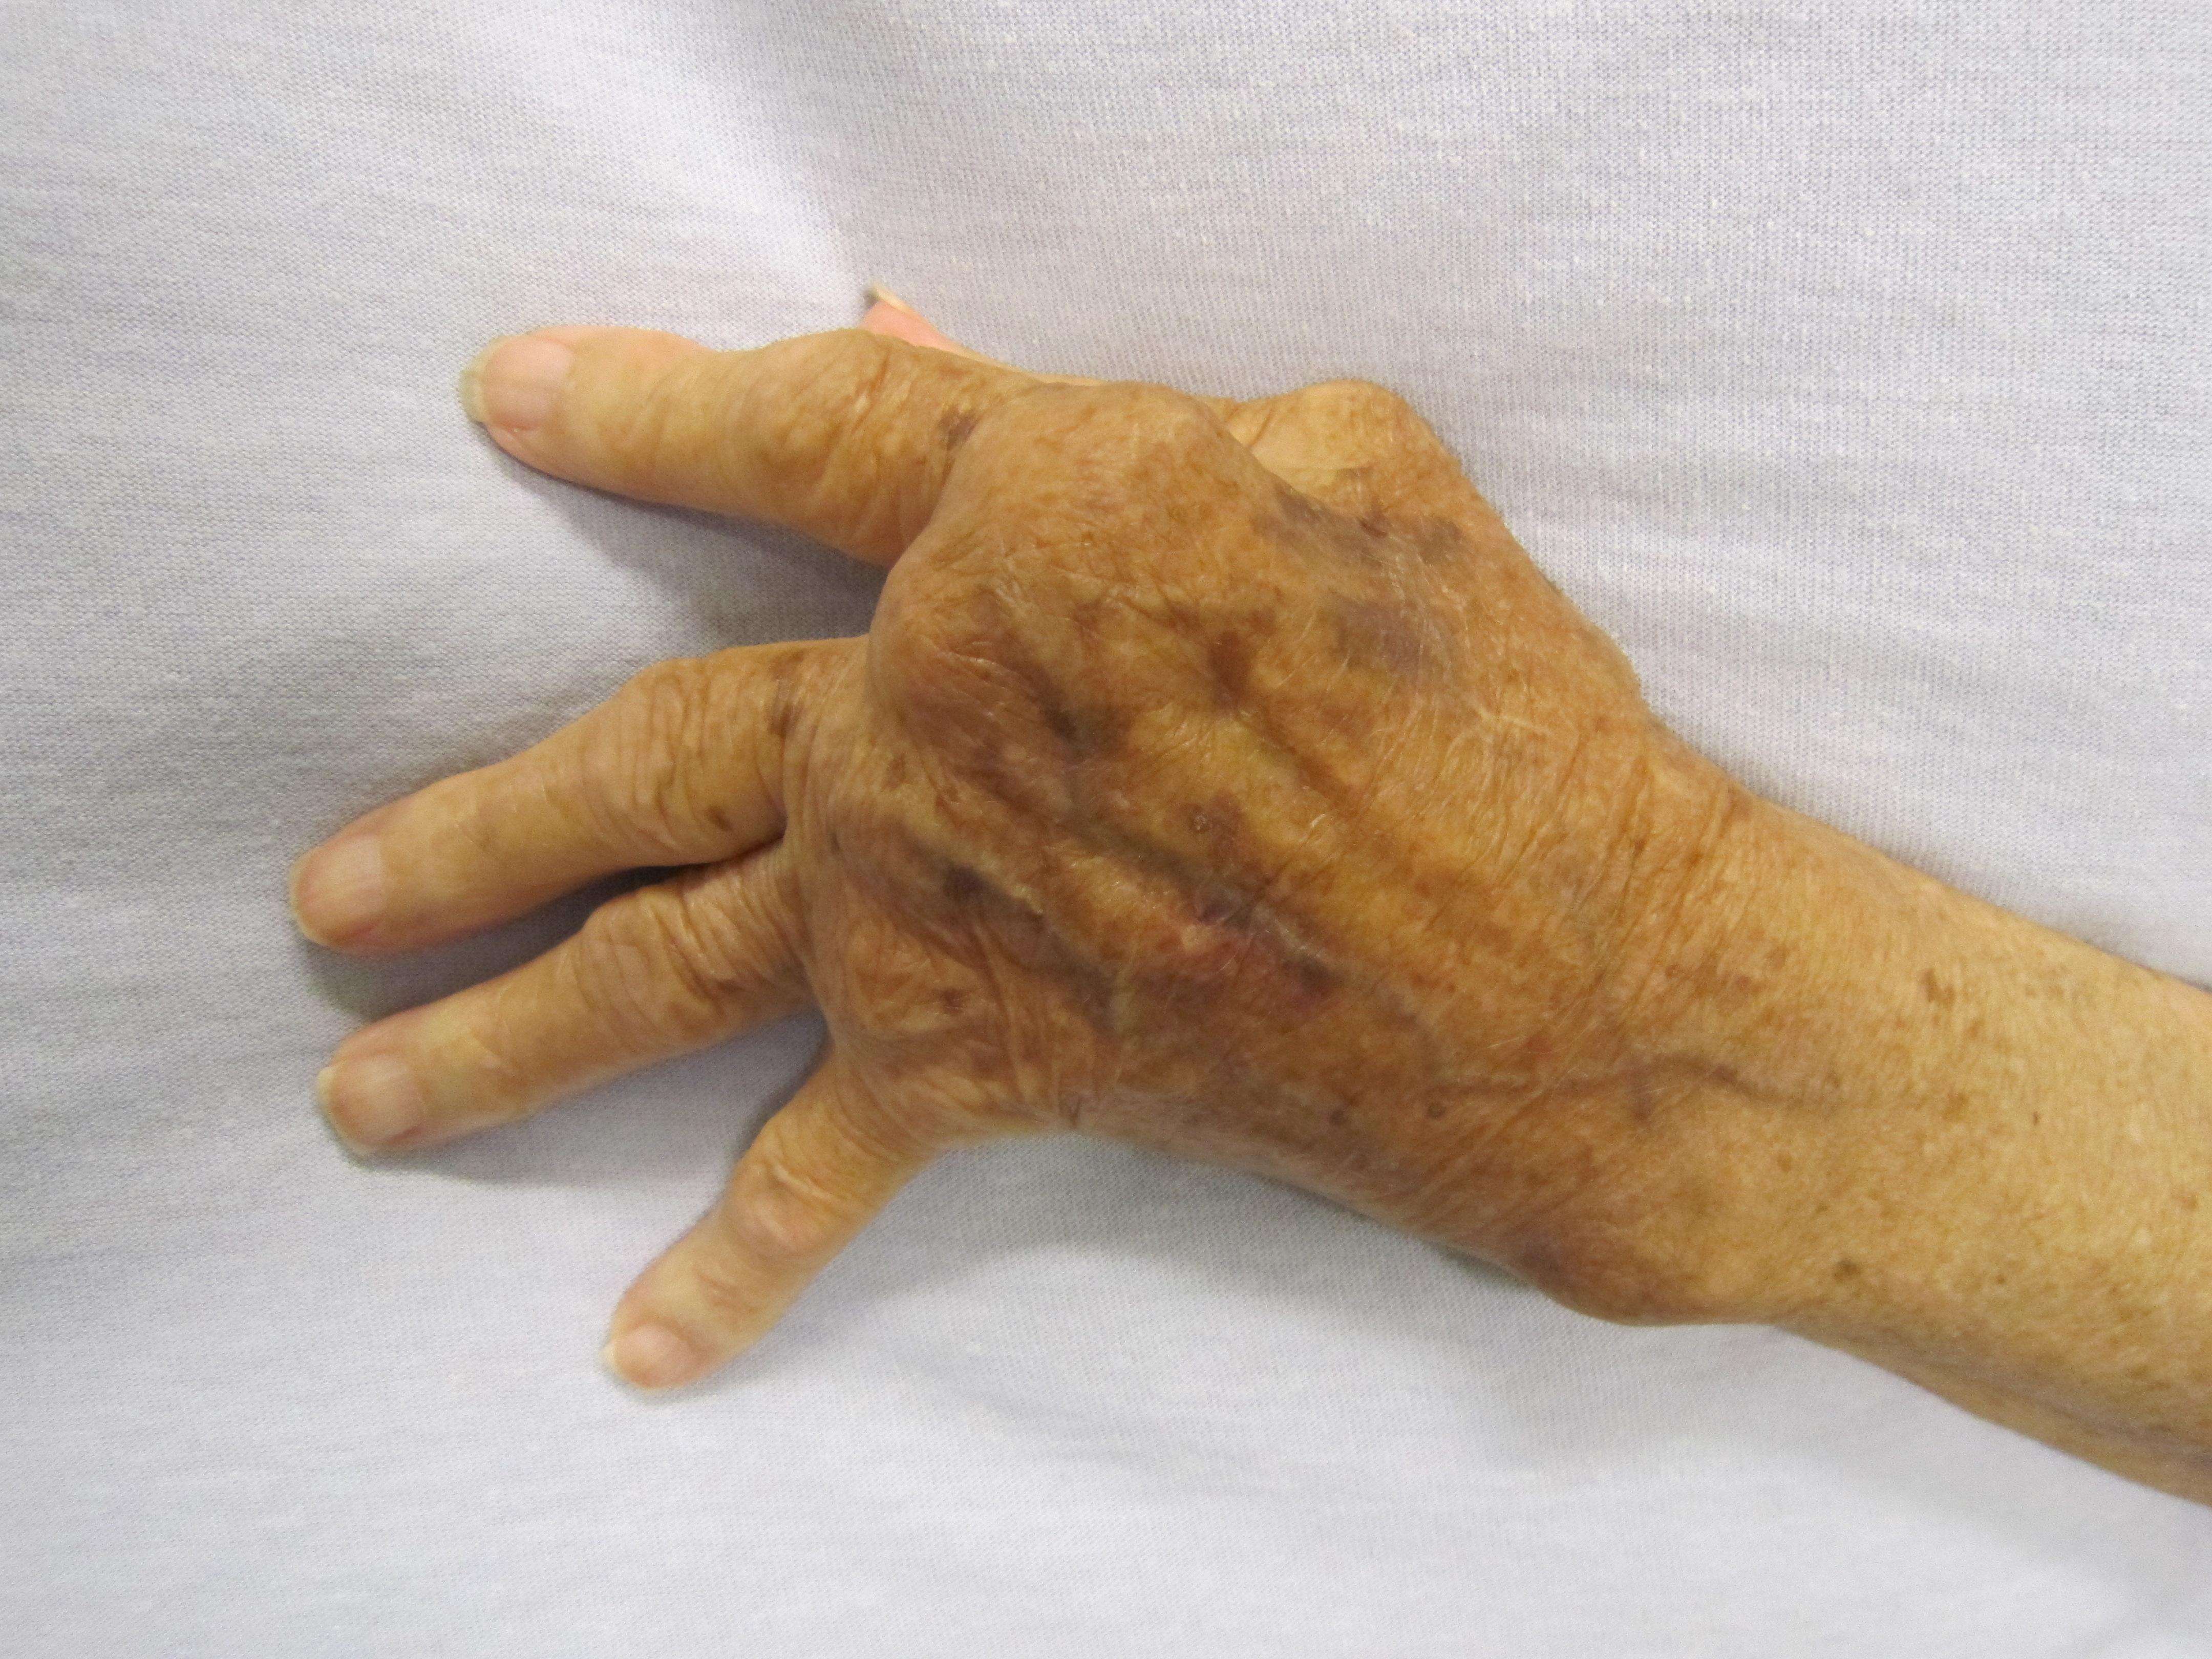 fájdalom a kéz kezének ízületeiben szülés után)